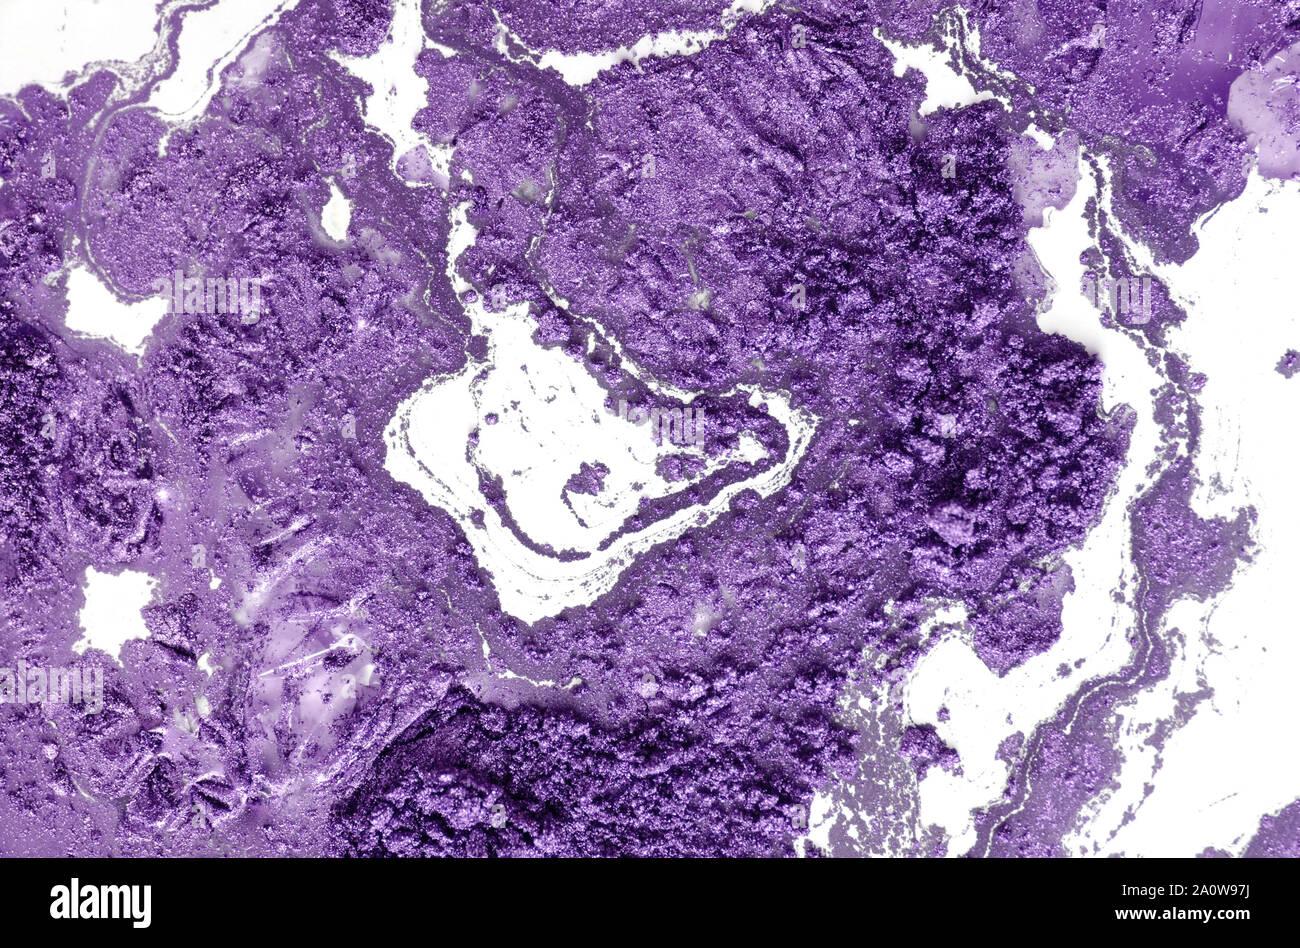 L'adénocarcinome peu différencié de la lumière intestinale, micrographie, photo sous microscope Banque D'Images